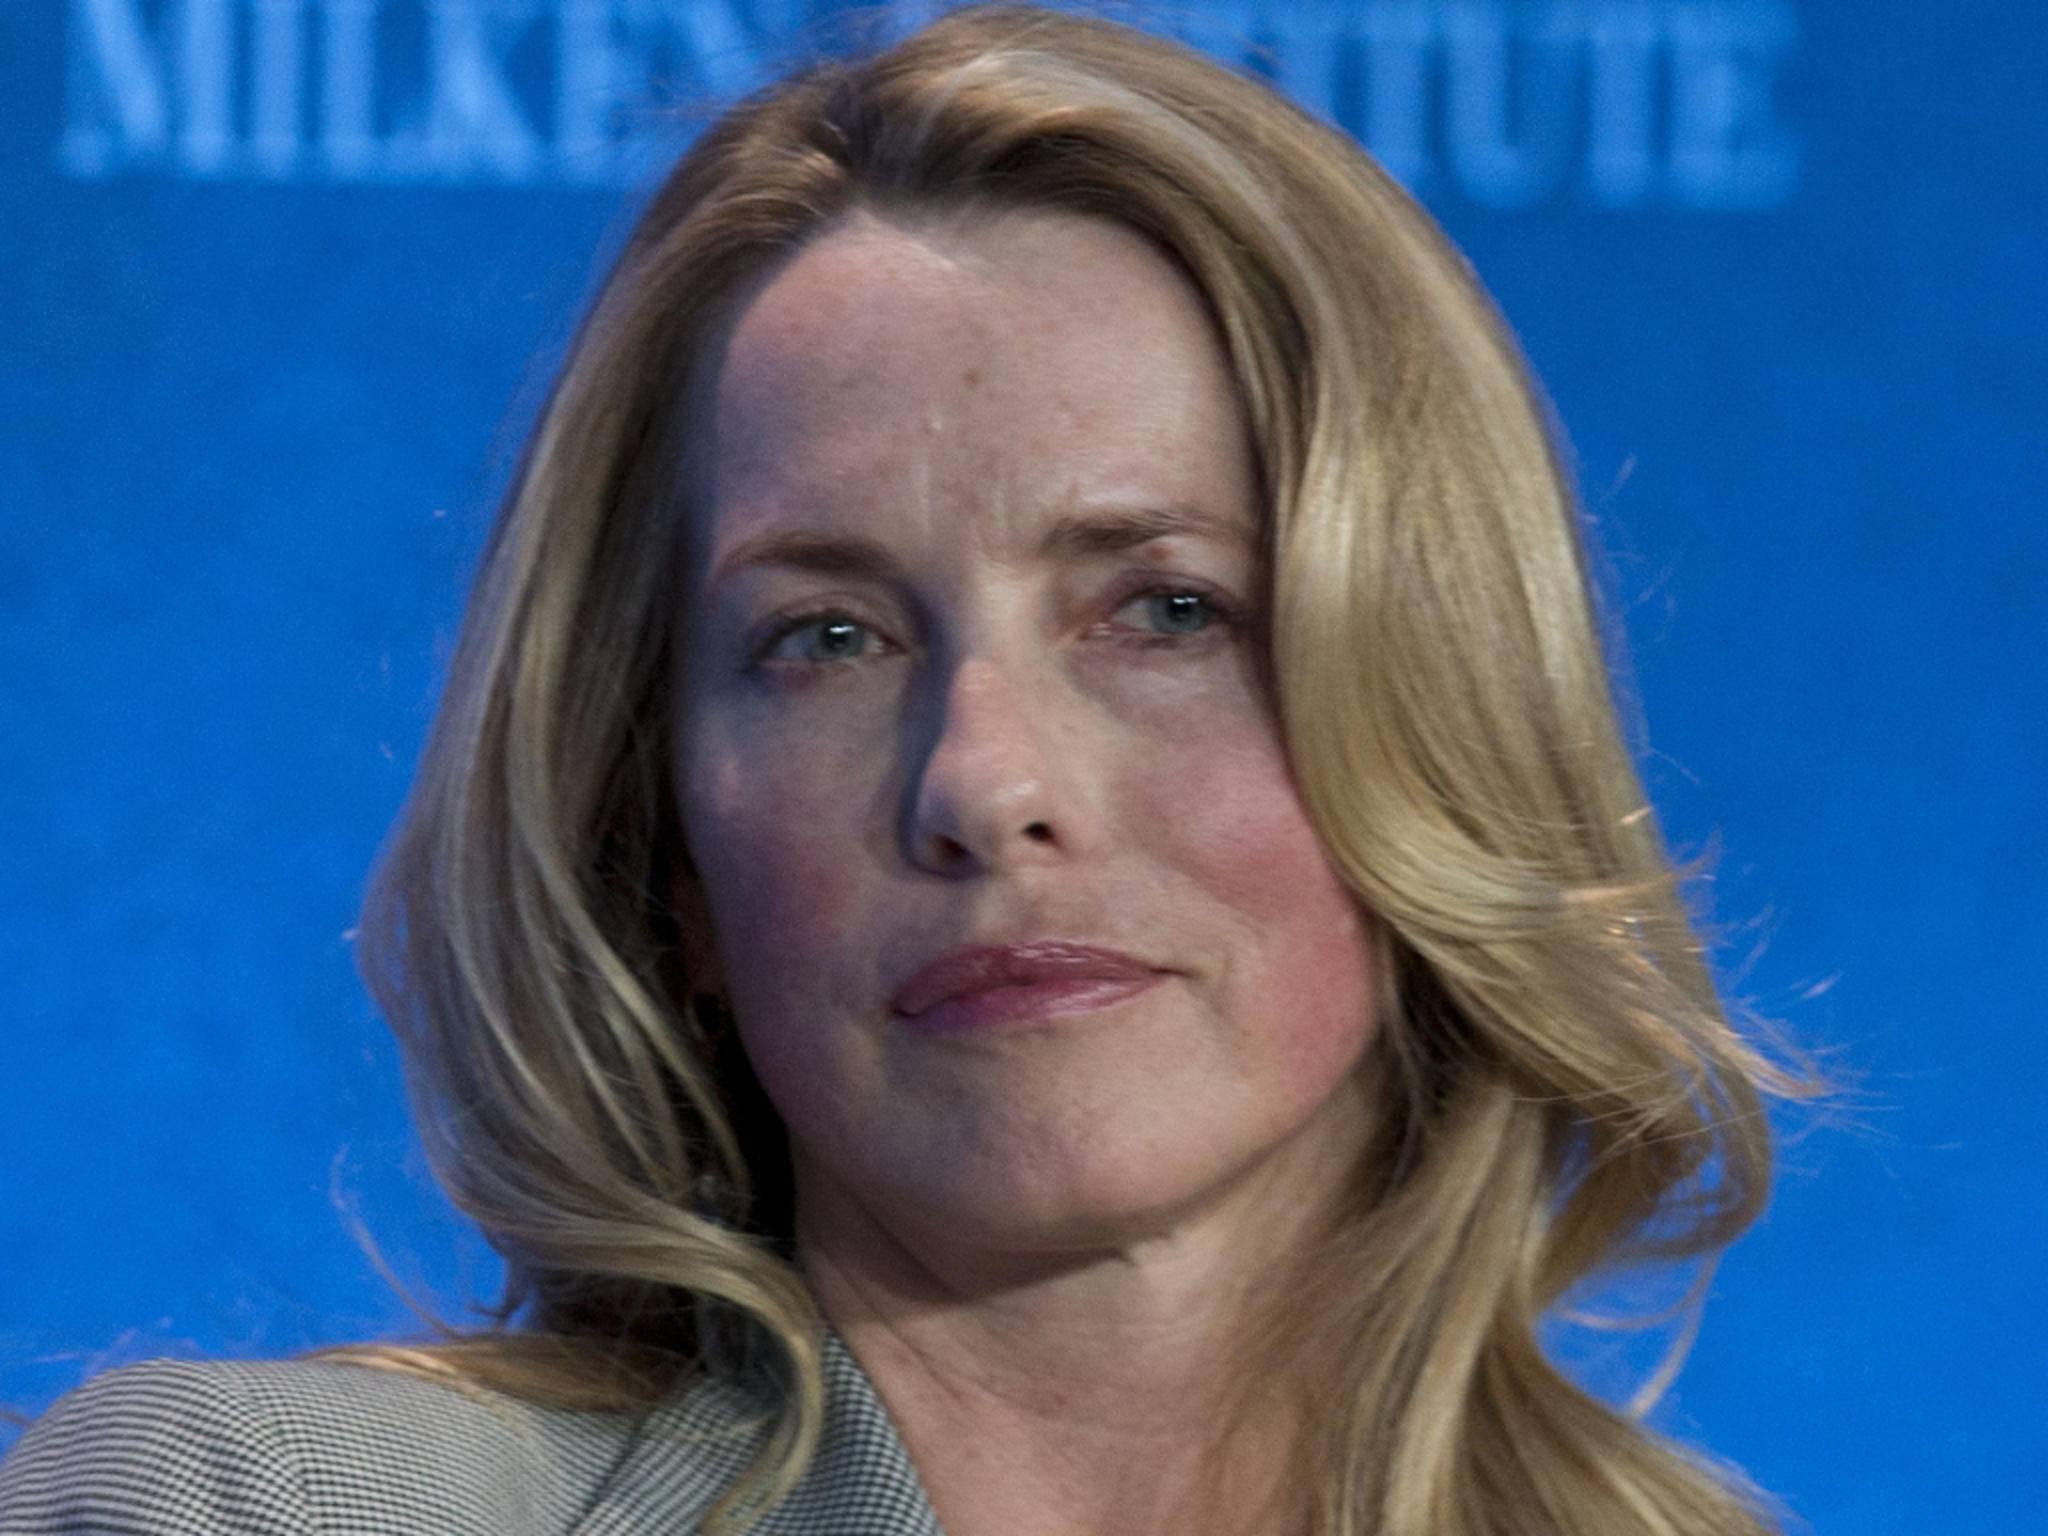 Reiche Erbin: Laurene Powell Jobs hat als Witwe von Steve Jobs auch von dessen immensem Vermögen profitiert. 19,5 Milliarden Dollar hat sie auf dem Konto.